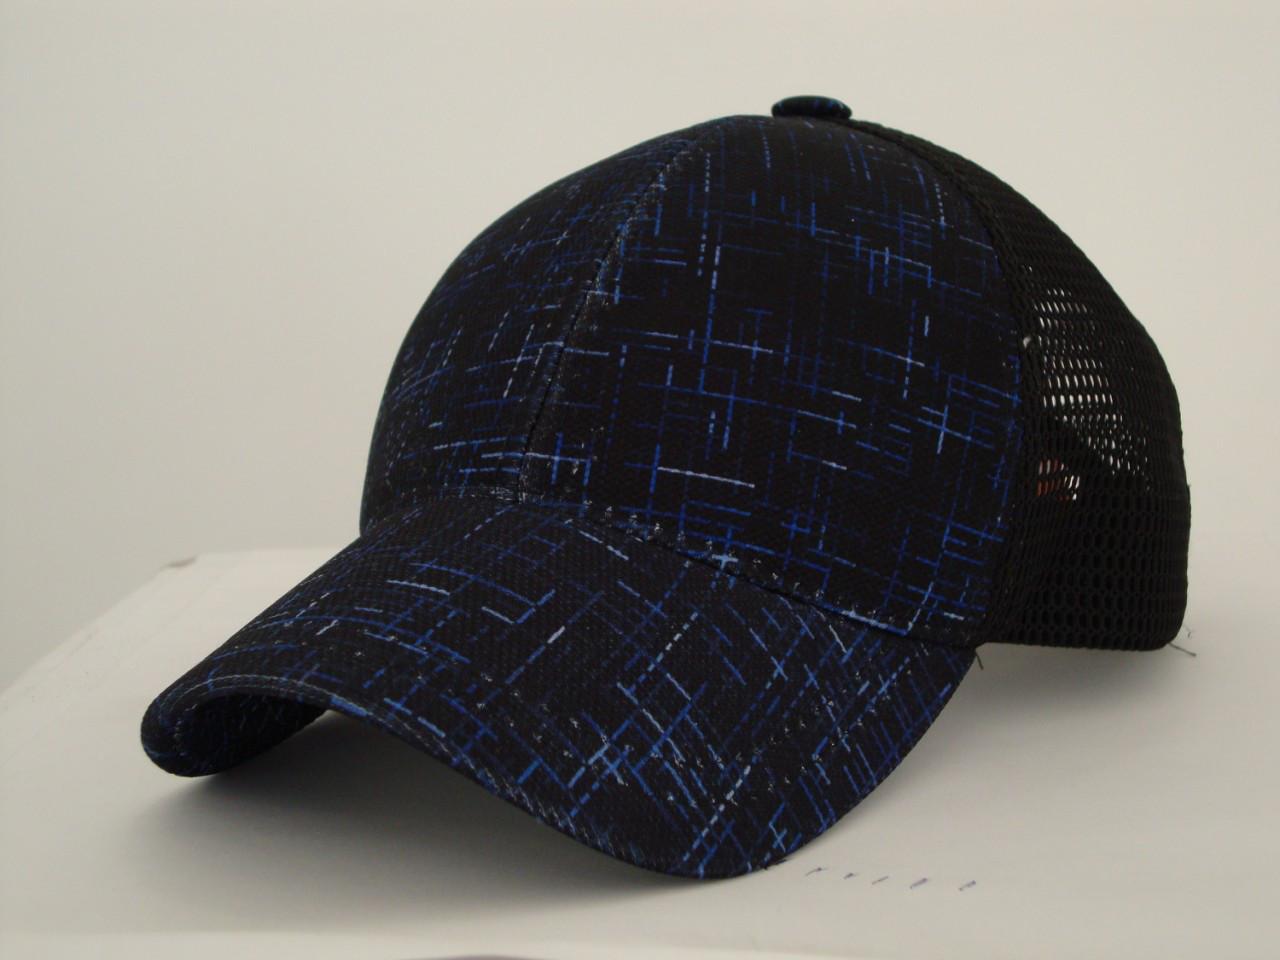 Бейсболка чёрная с синим абстрактным рисунком